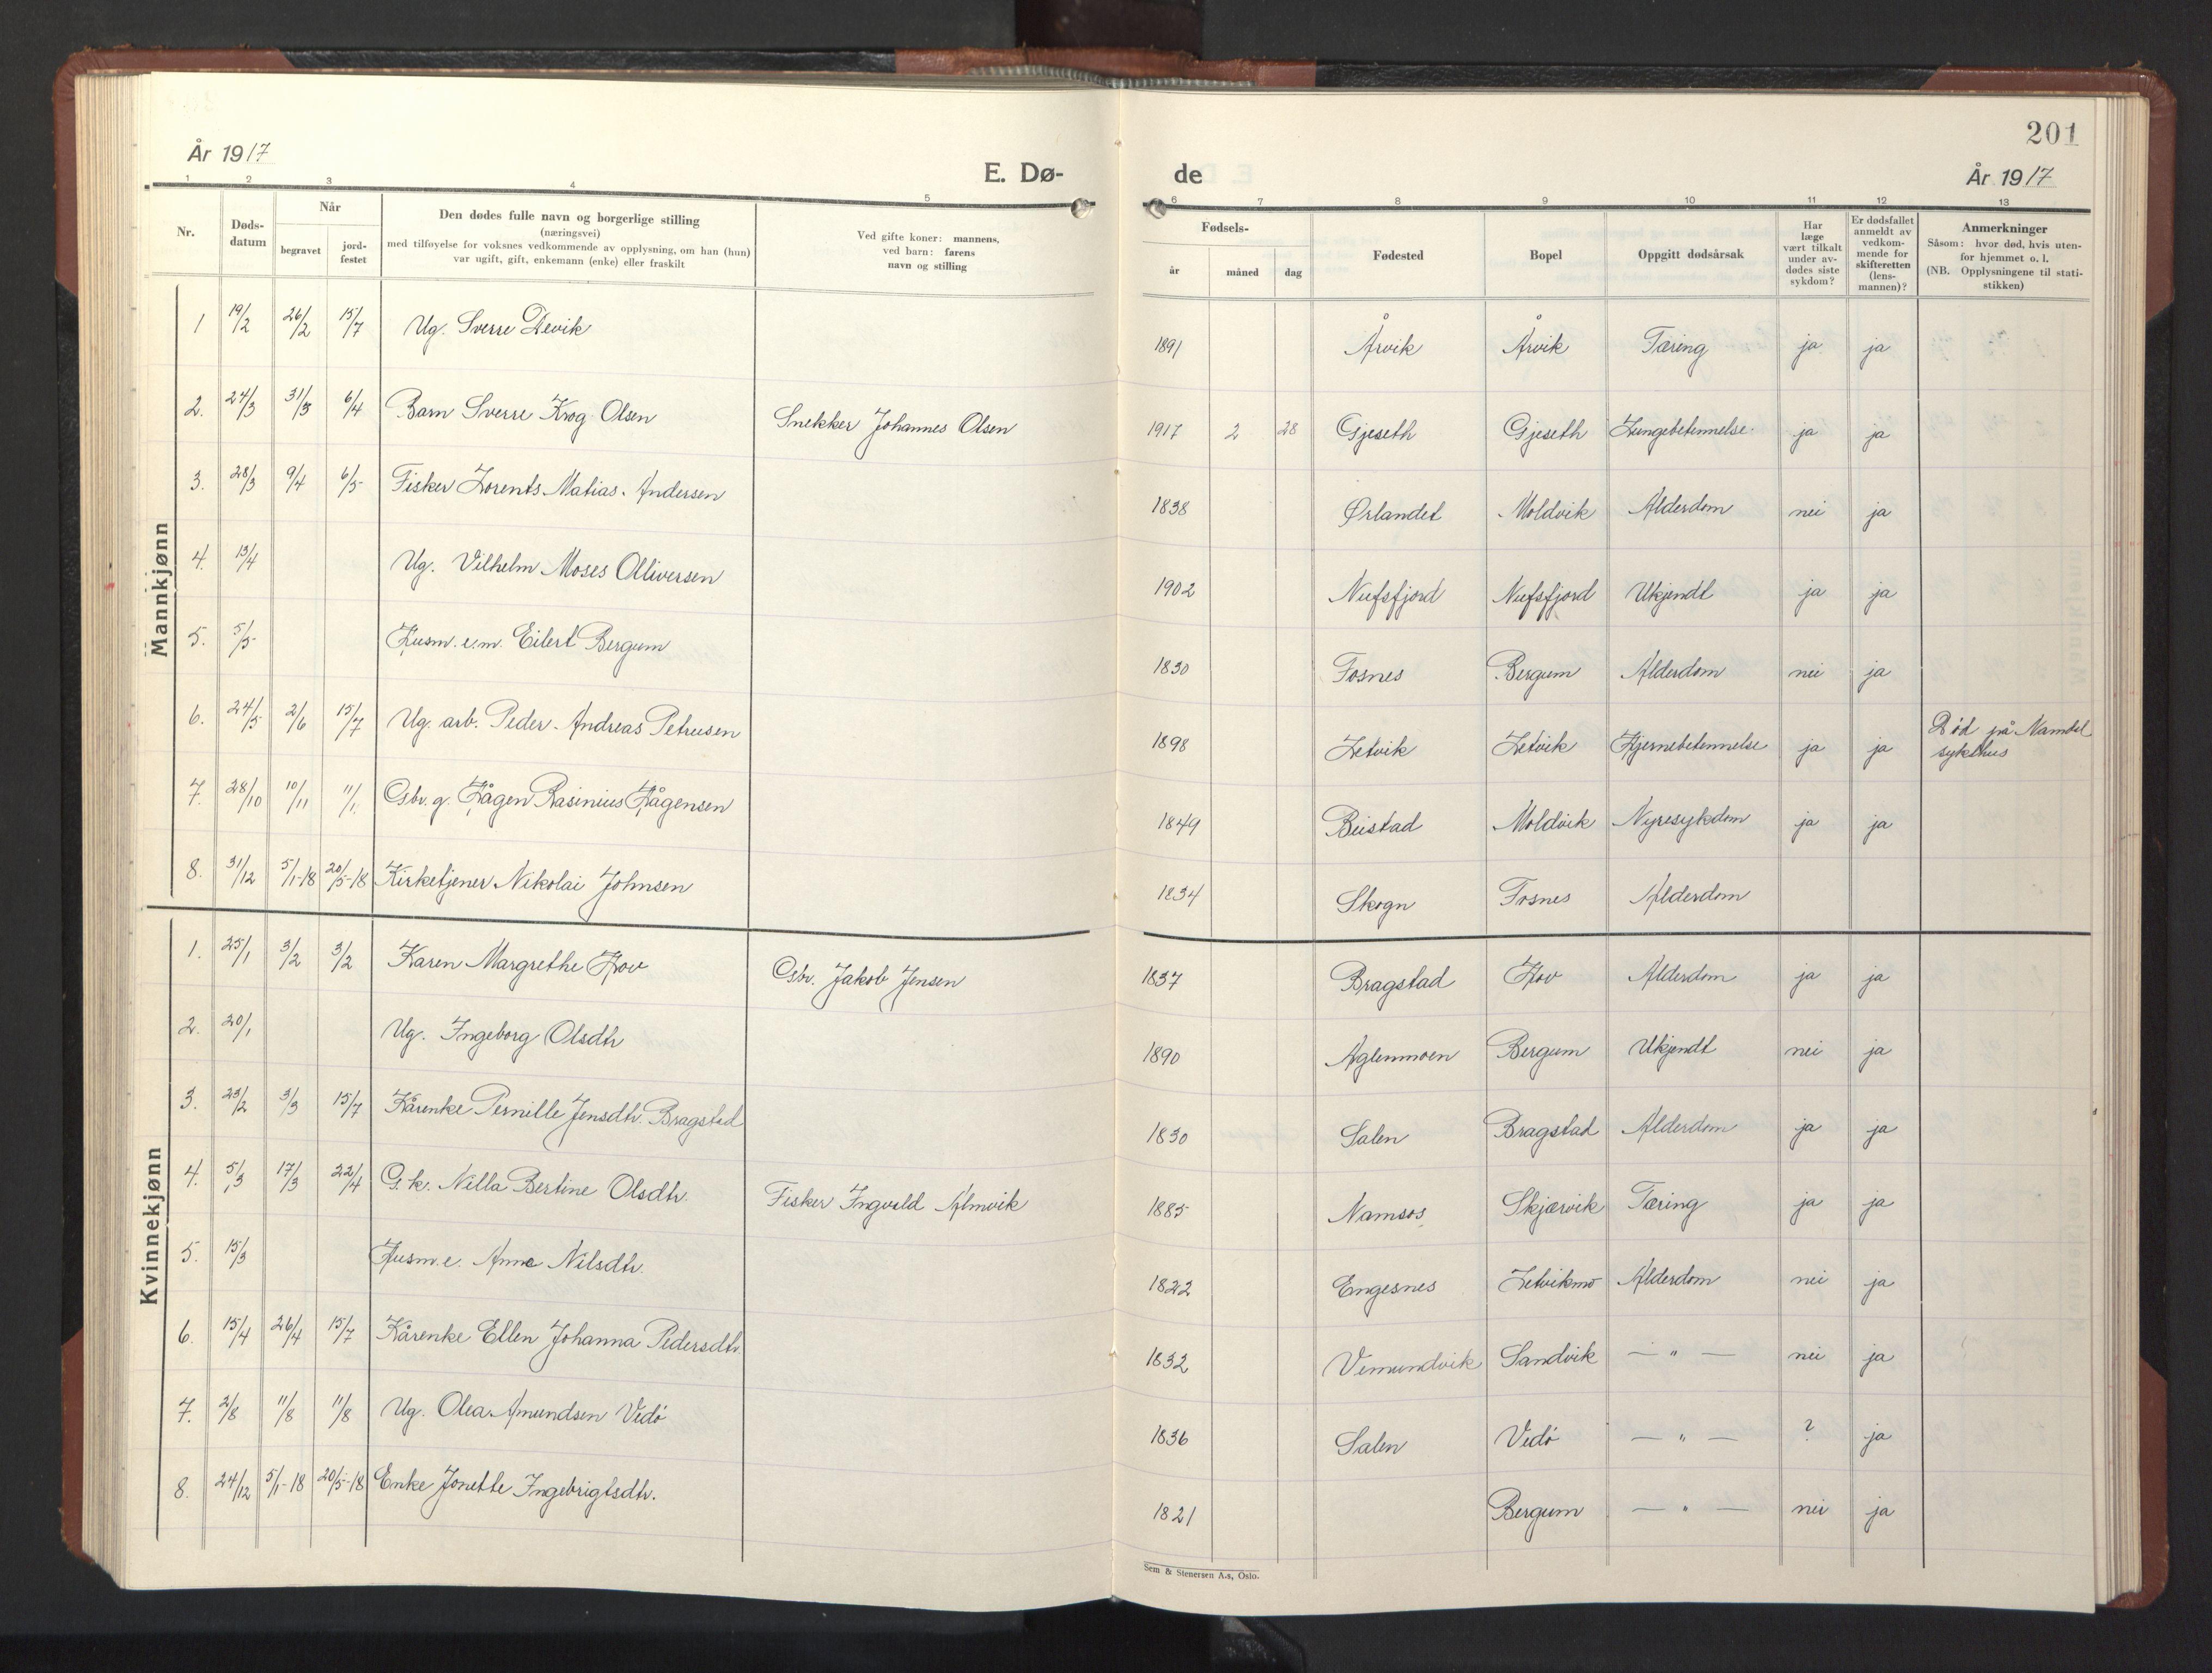 SAT, Ministerialprotokoller, klokkerbøker og fødselsregistre - Nord-Trøndelag, 773/L0625: Klokkerbok nr. 773C01, 1910-1952, s. 201